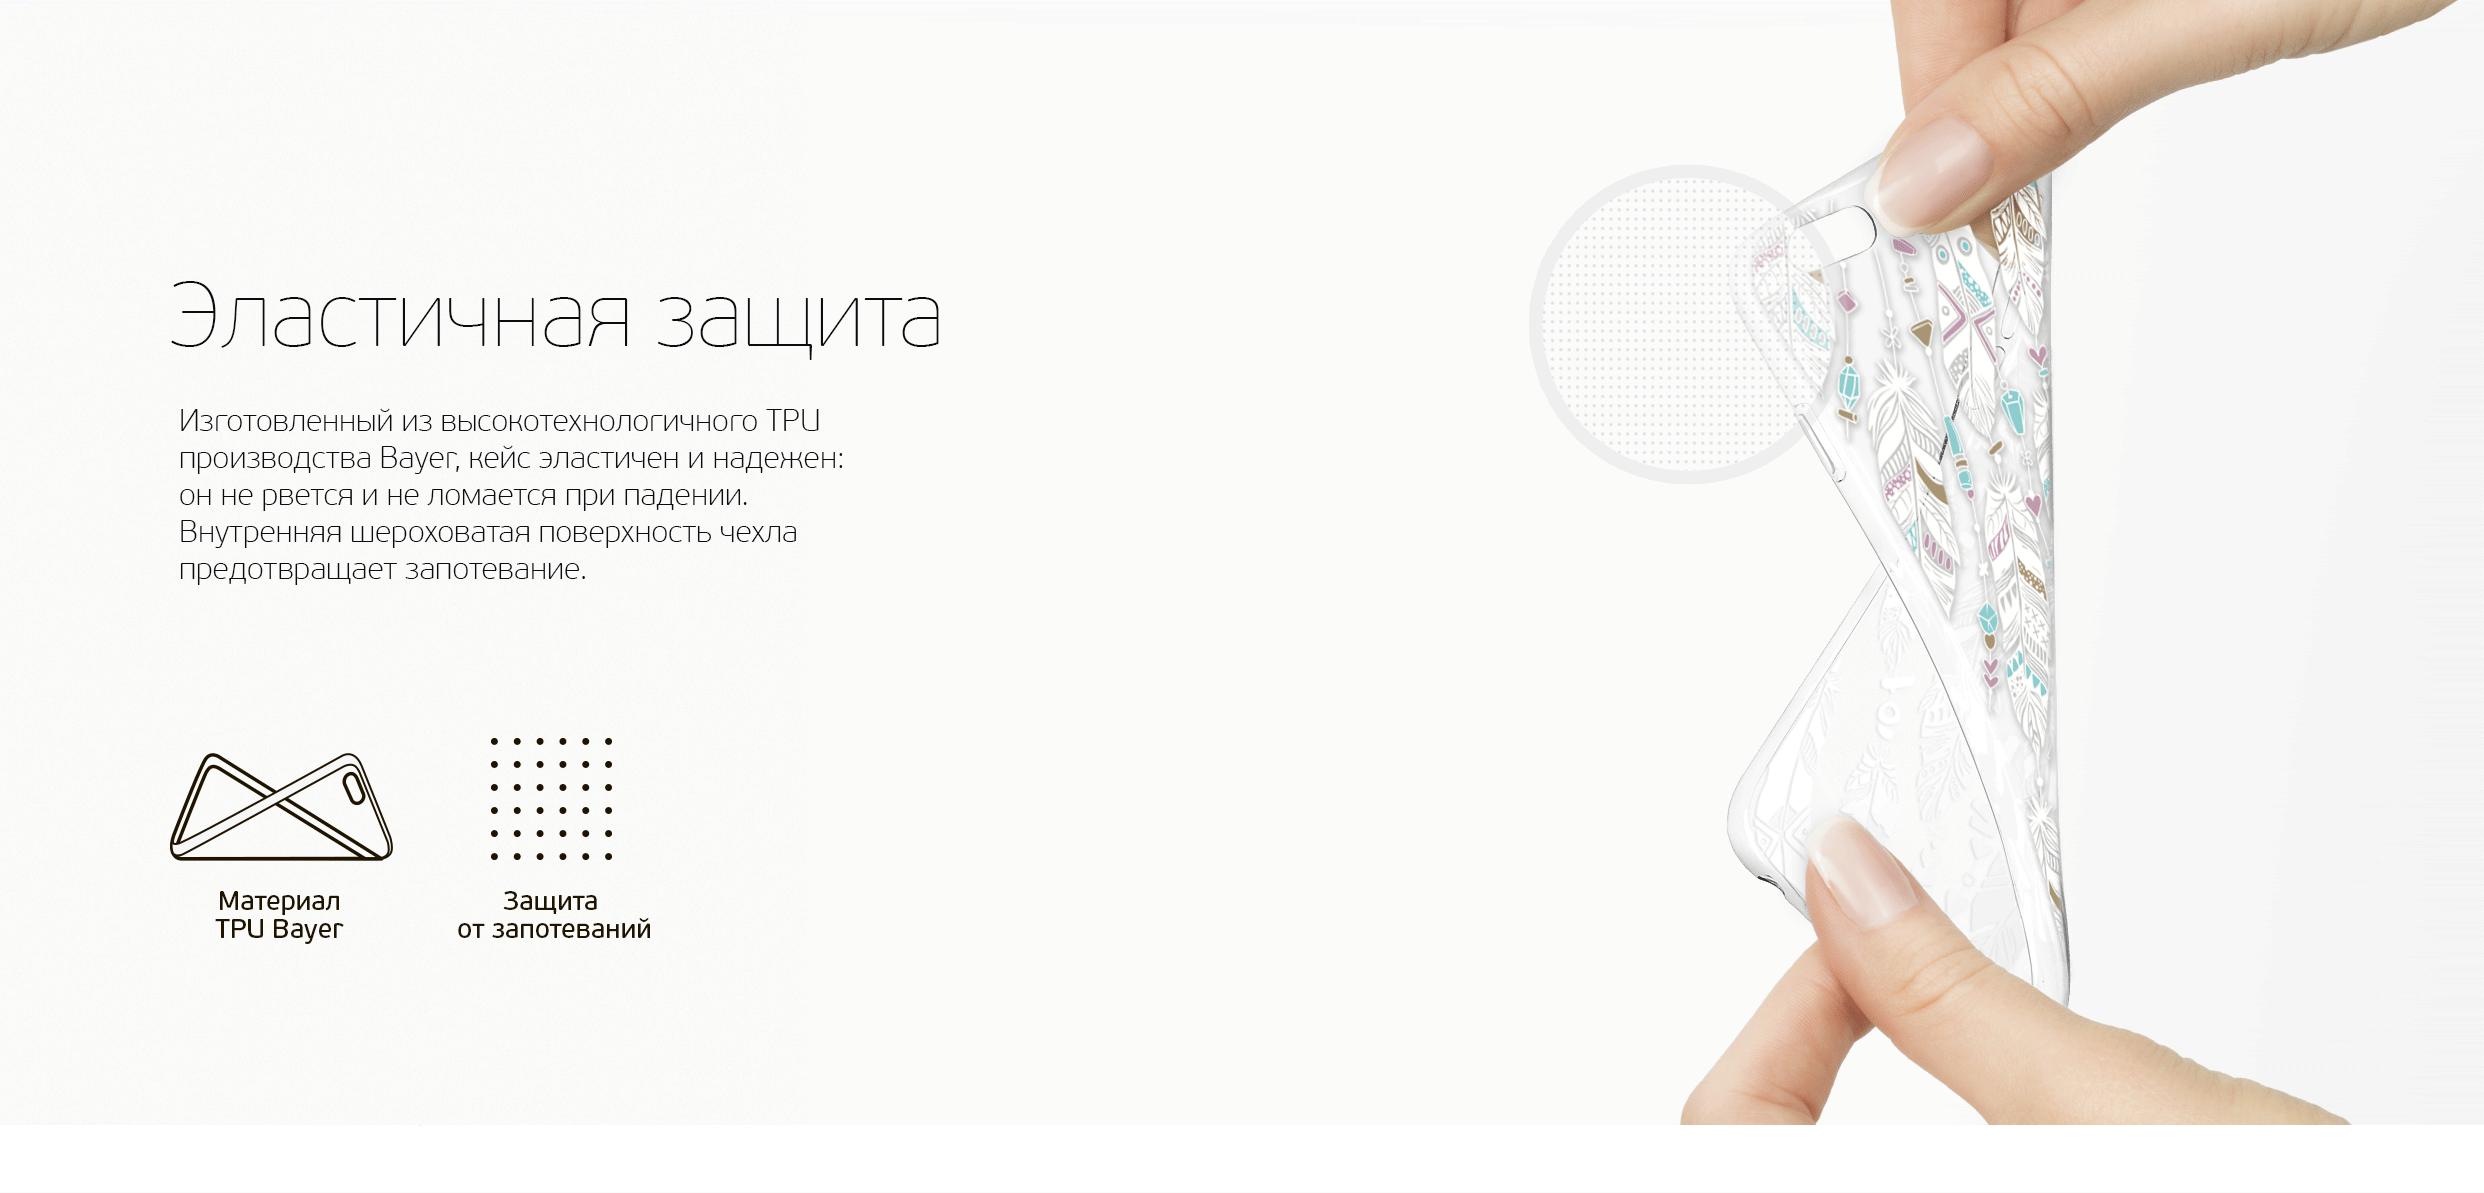 Gel-Art-3-кадра_01.png